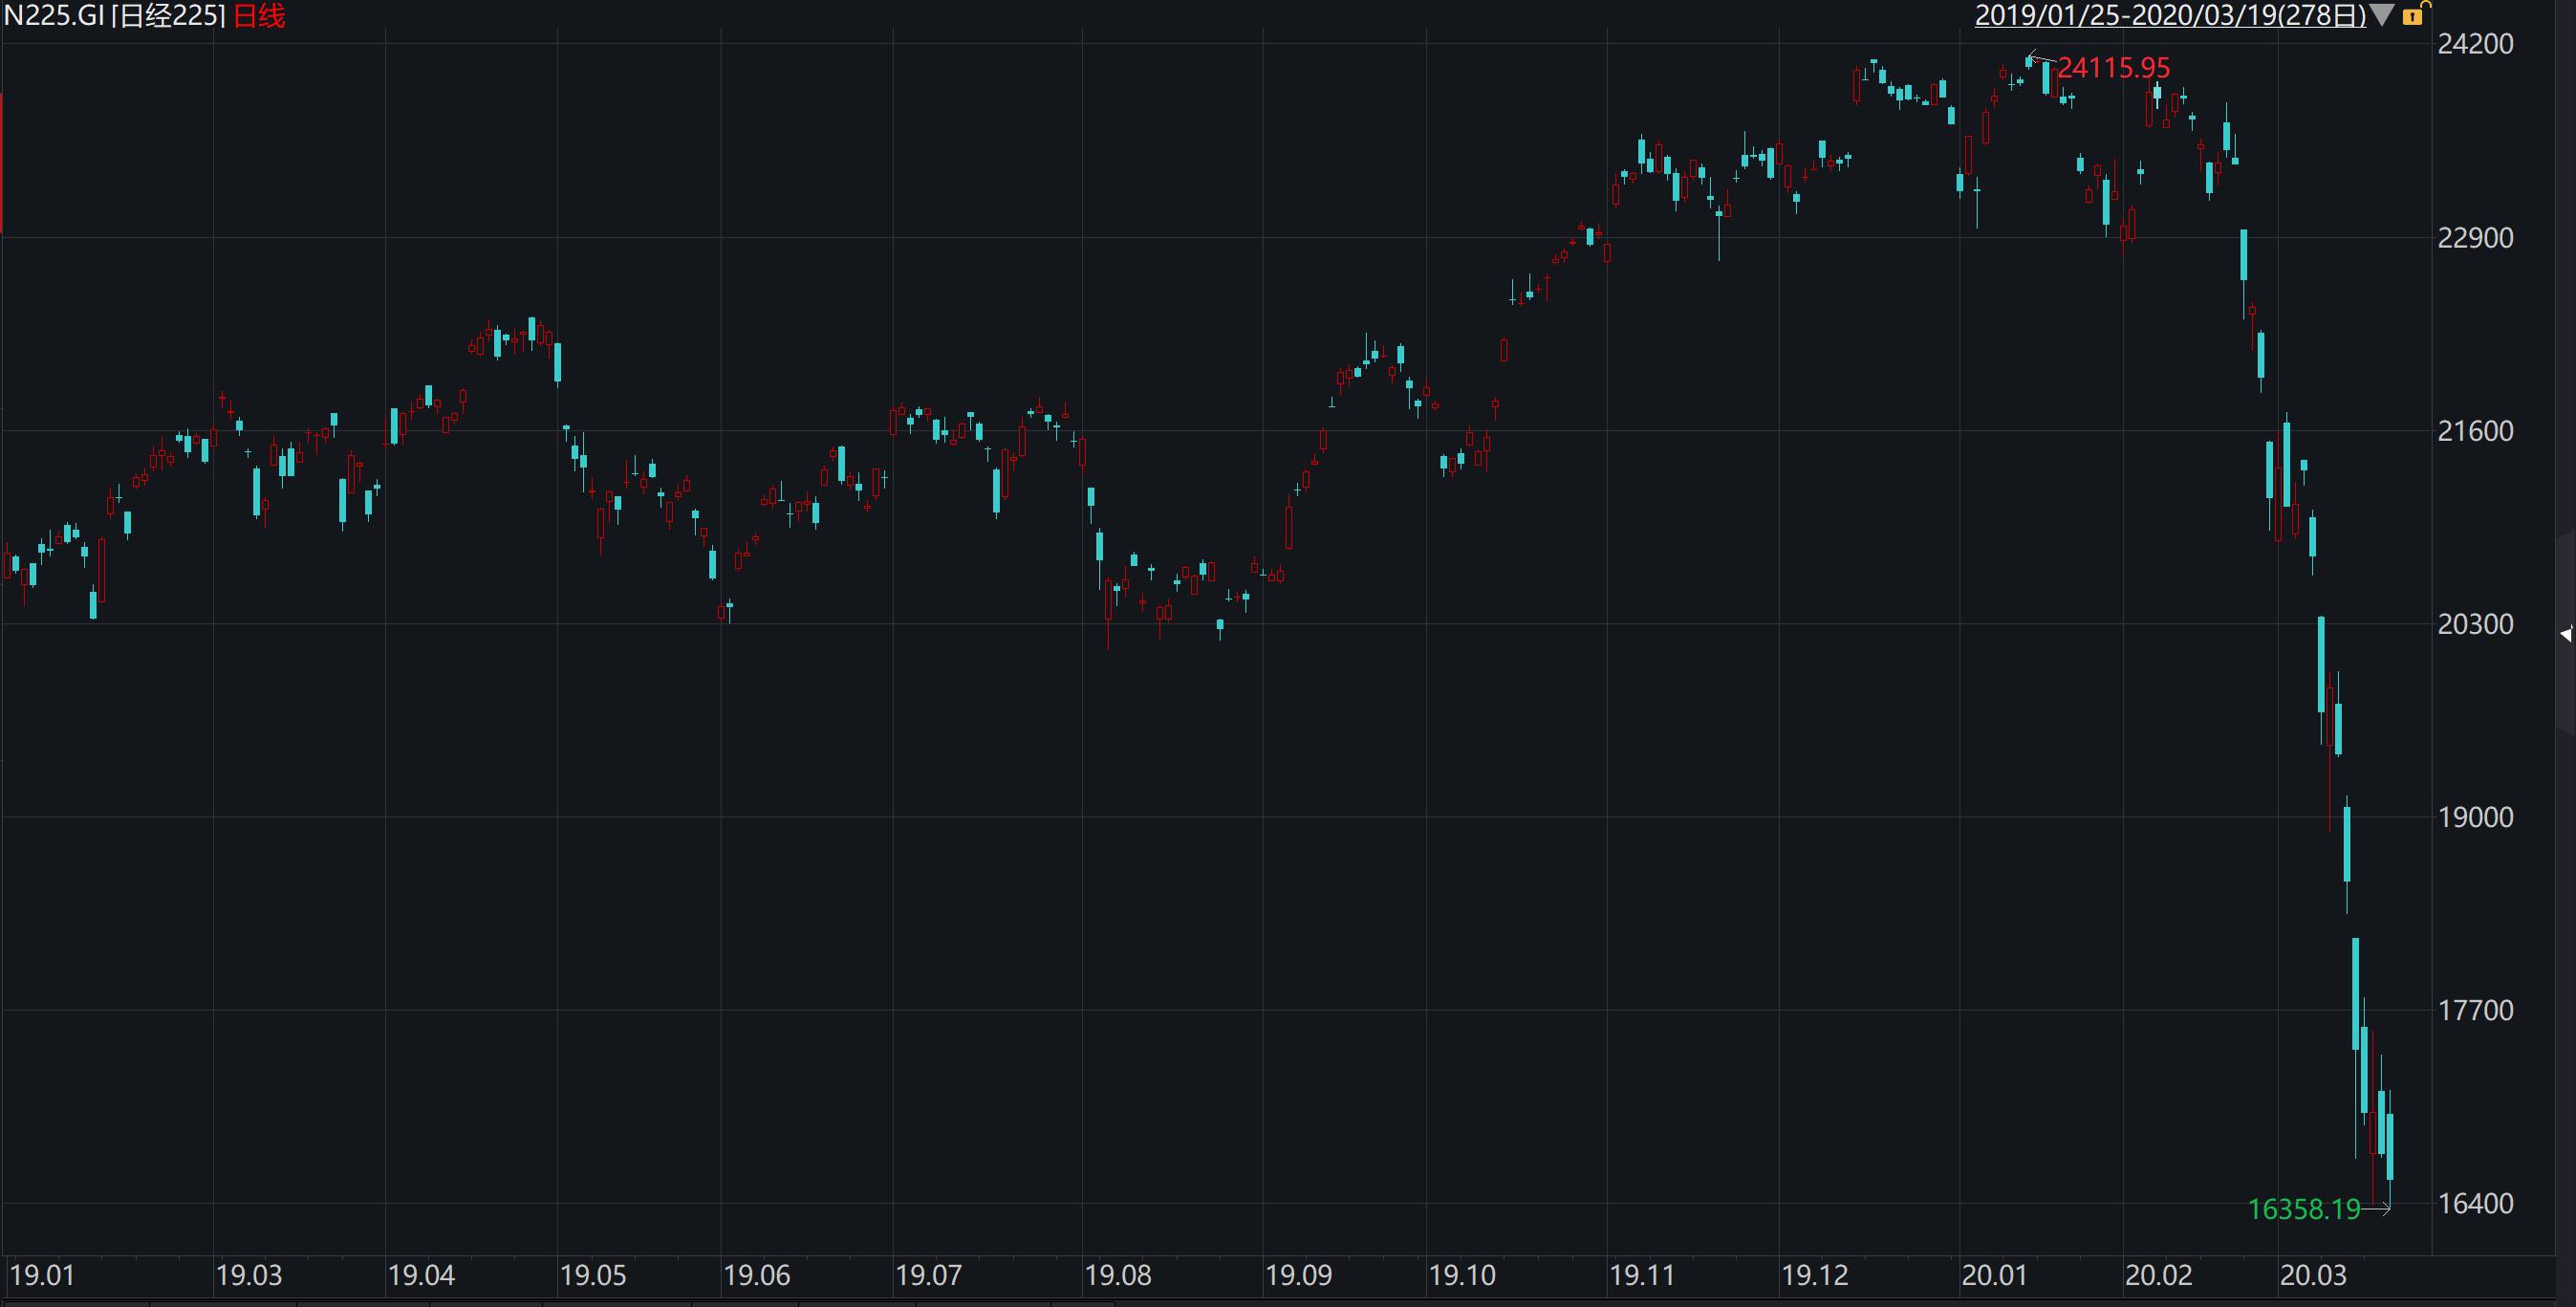 日本央行:近期股市持仓亏损2-3万亿日元 仍将加速购买